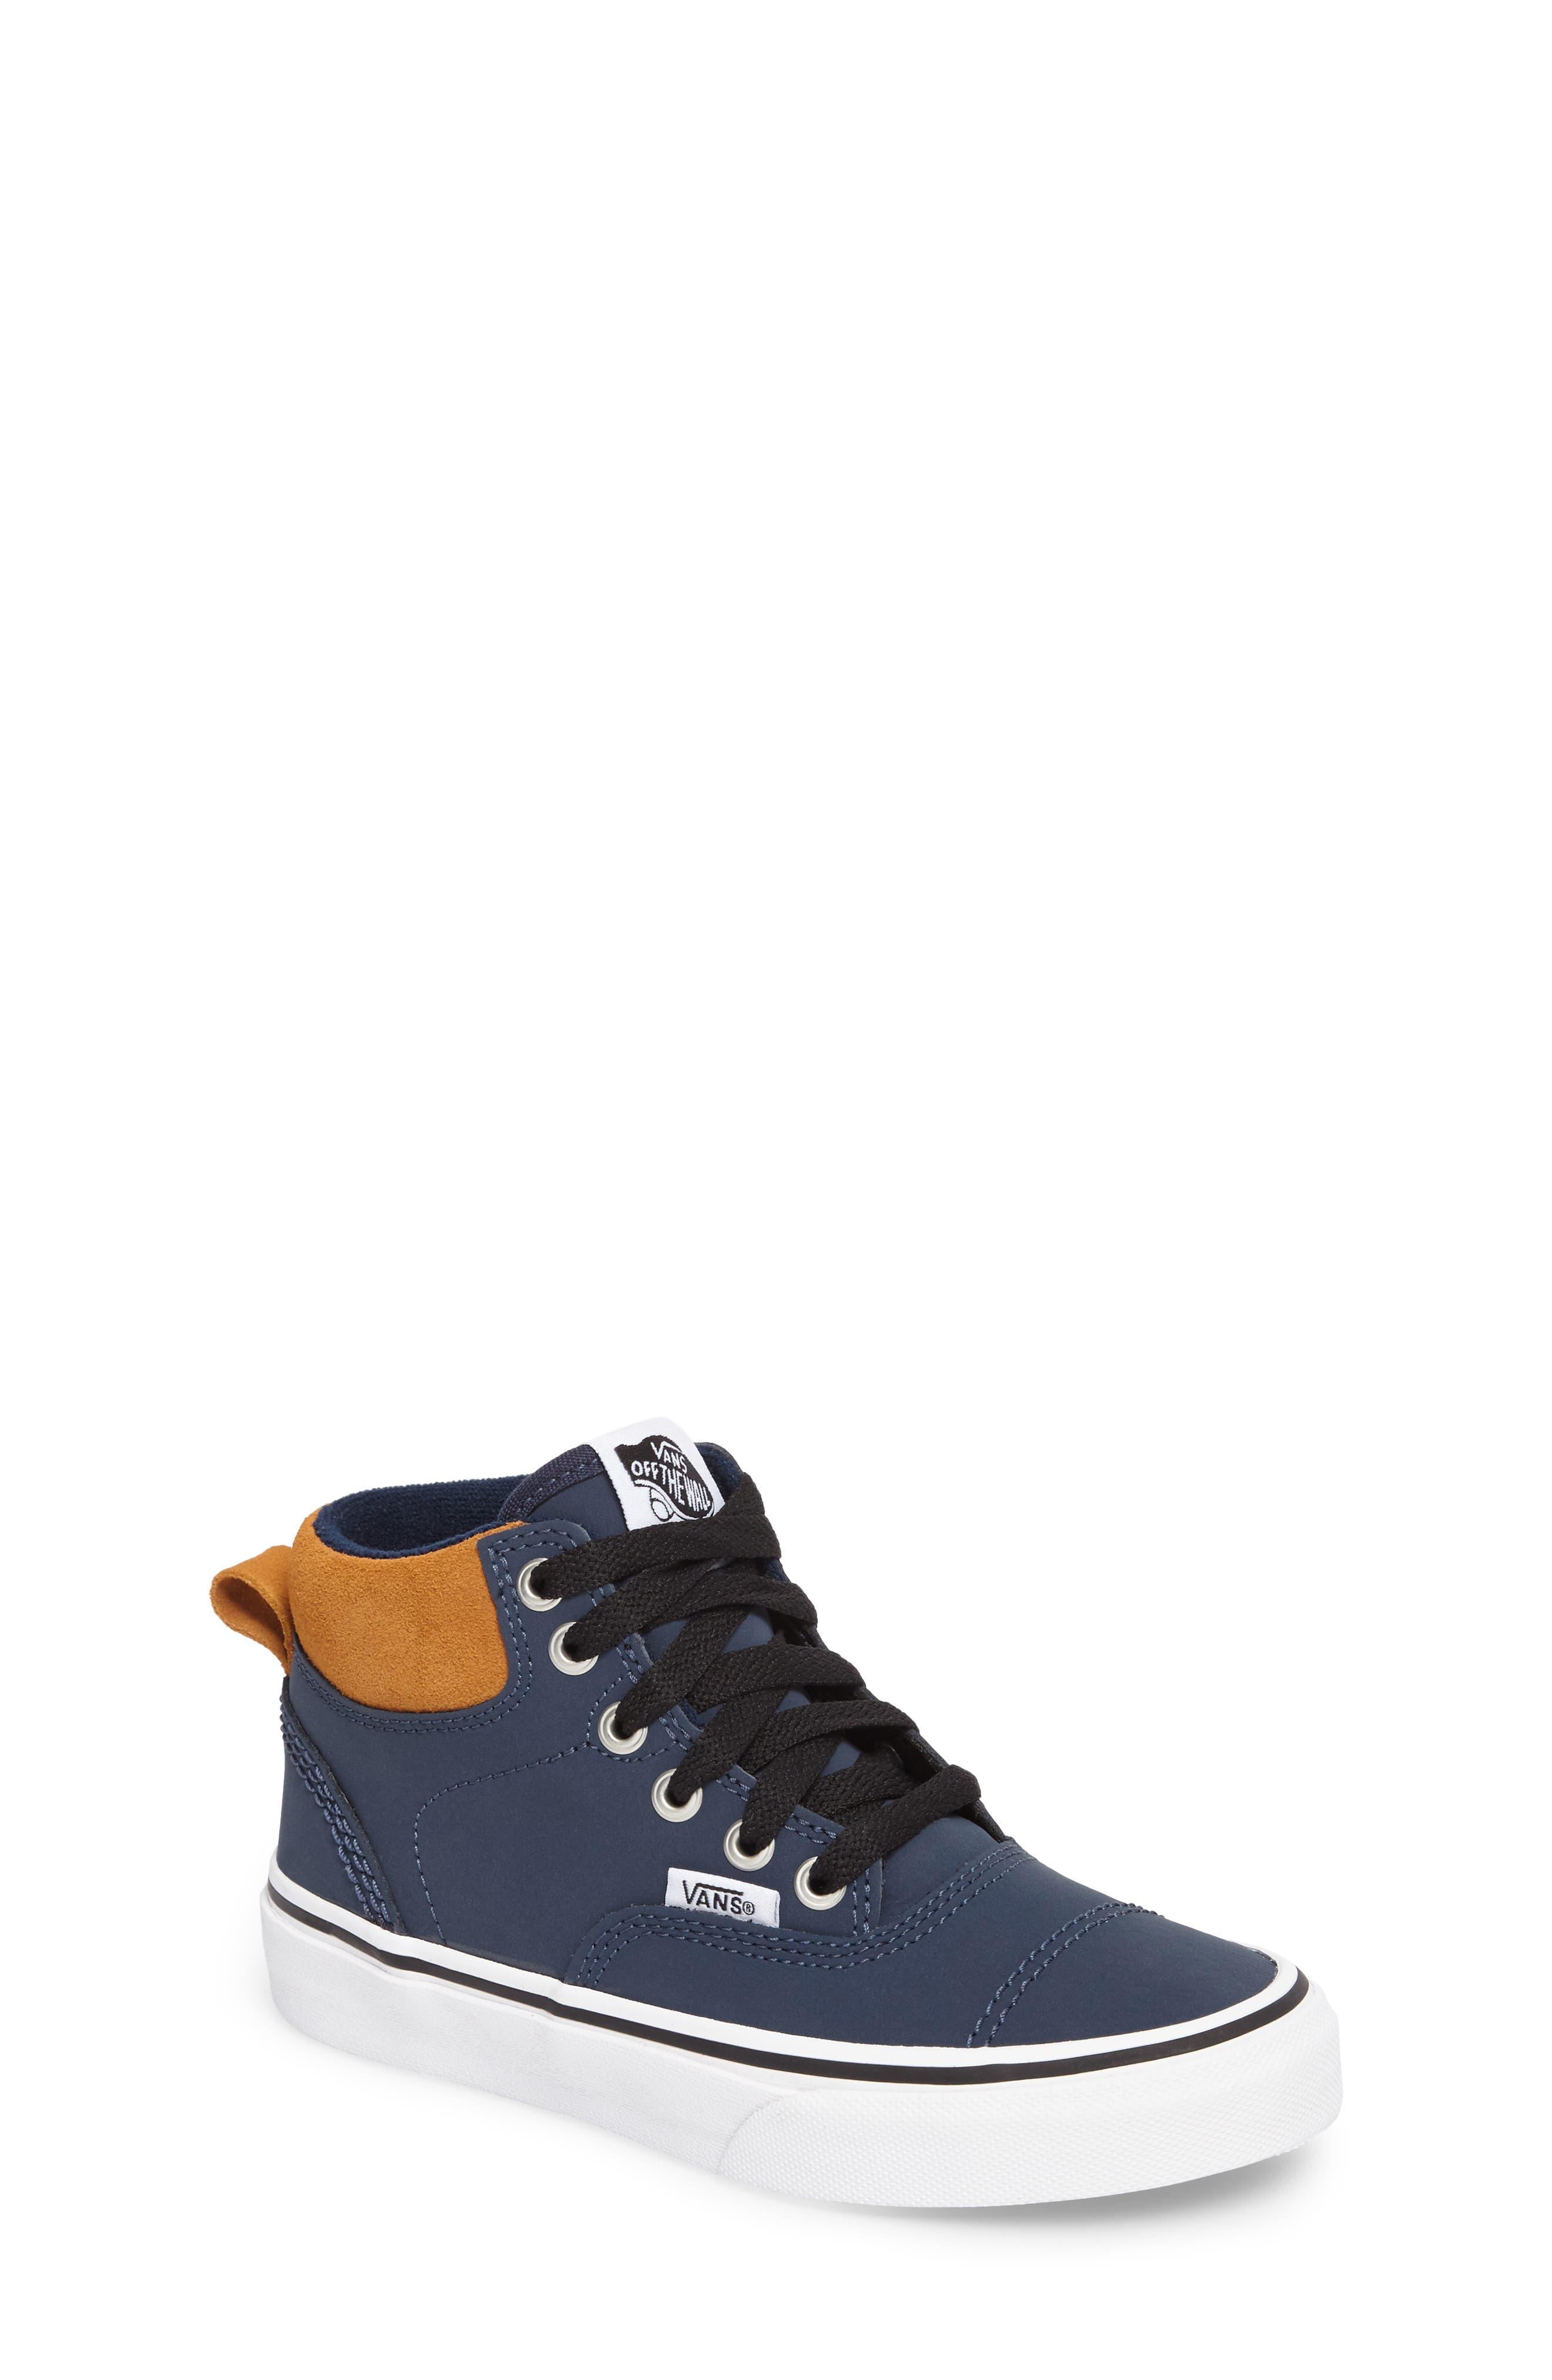 Vans Era - Hi Sneaker (Toddler, Little Kid & Big Kid)